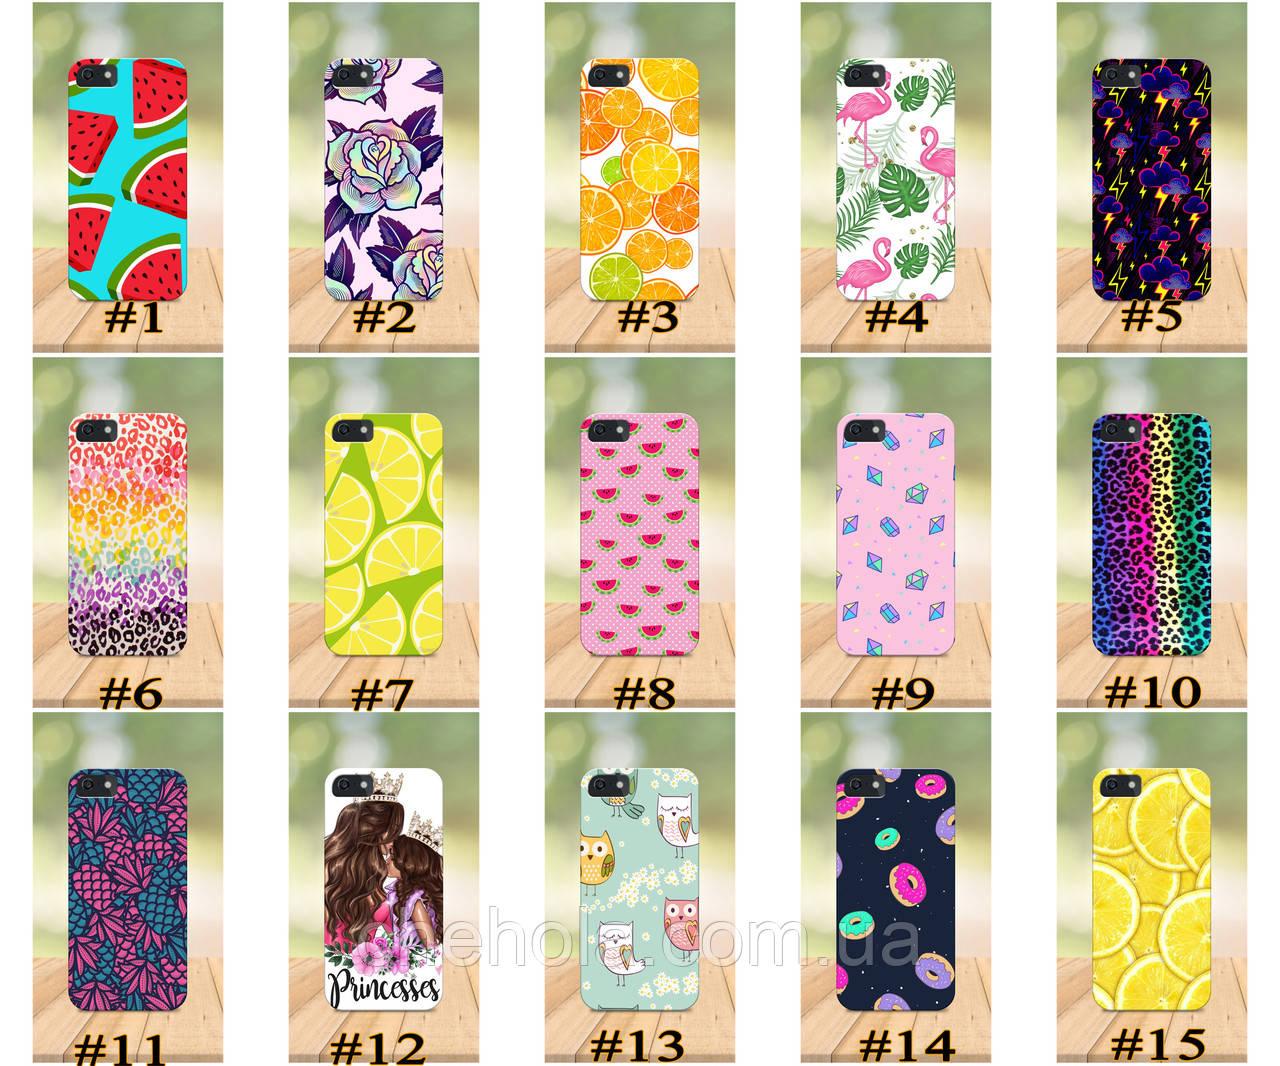 Чехол на iPhone 5 5s SE 4 4S бампер накладка с принтом Милые Для Девочек